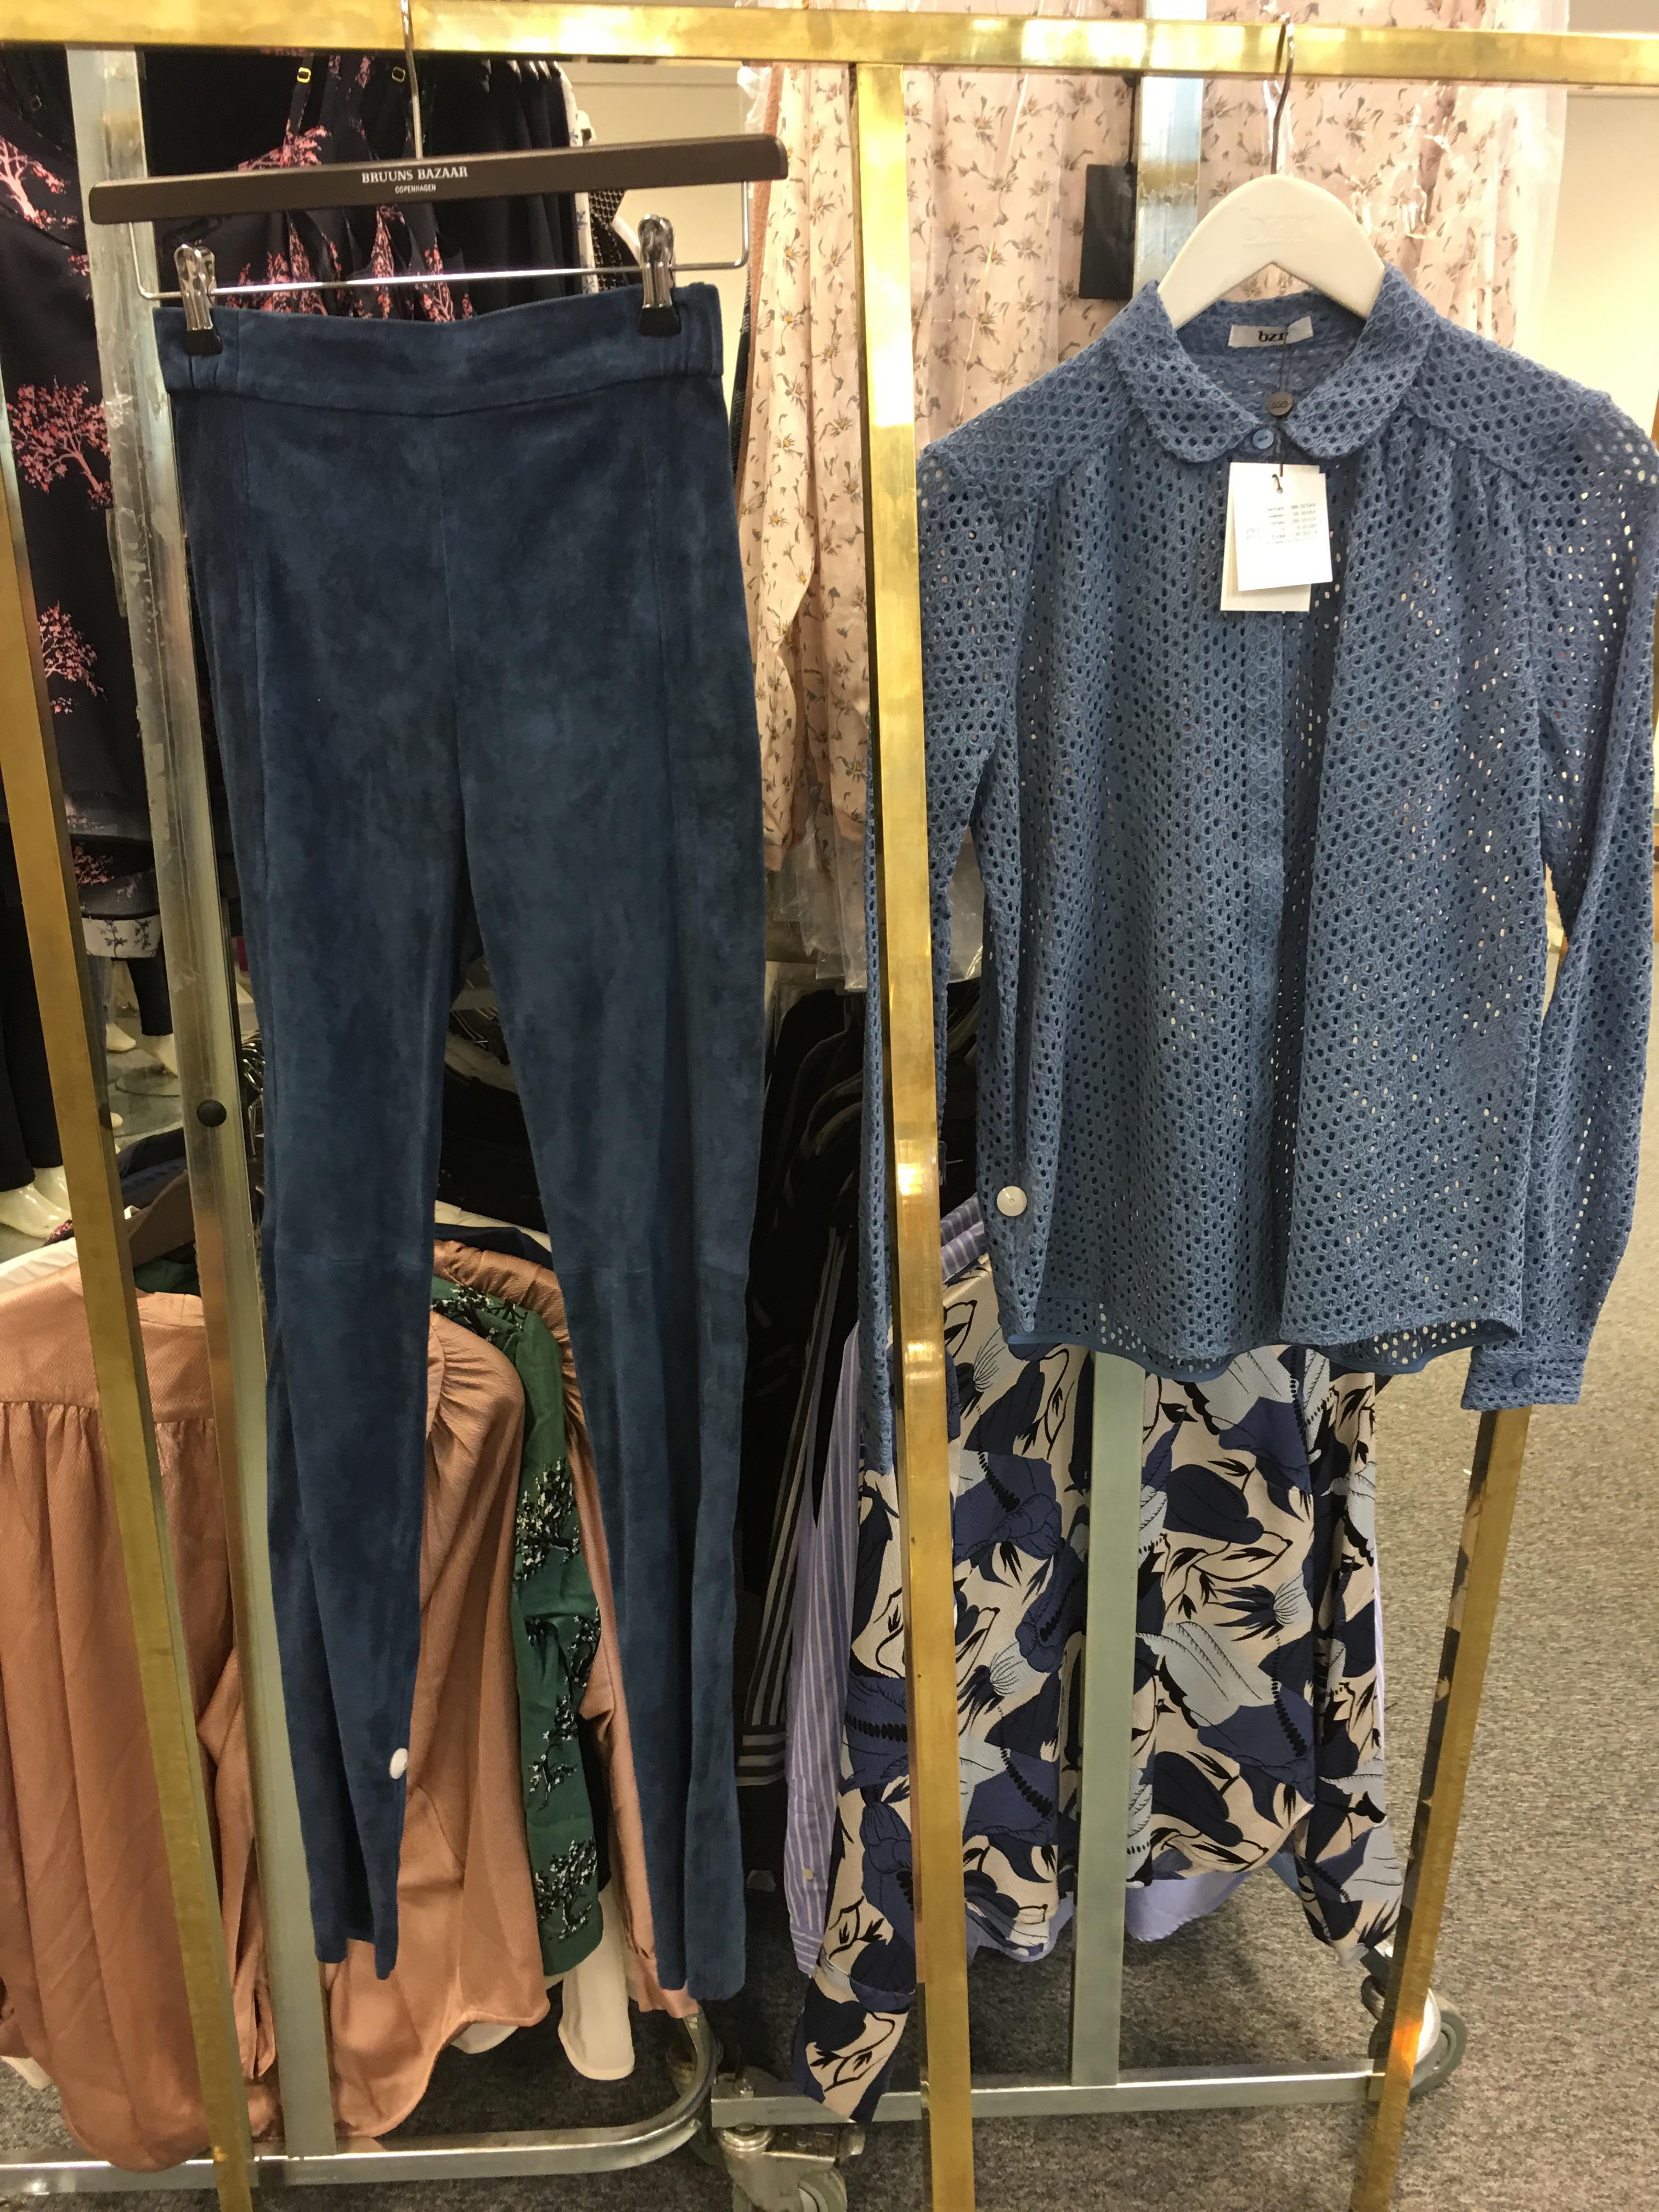 Det her sæt, er jeg også helt vild med, de blå ruskinds leggings, sidder perfekt og den blå blond skjorte, gør at det ikke kommer til at se så råt ud.